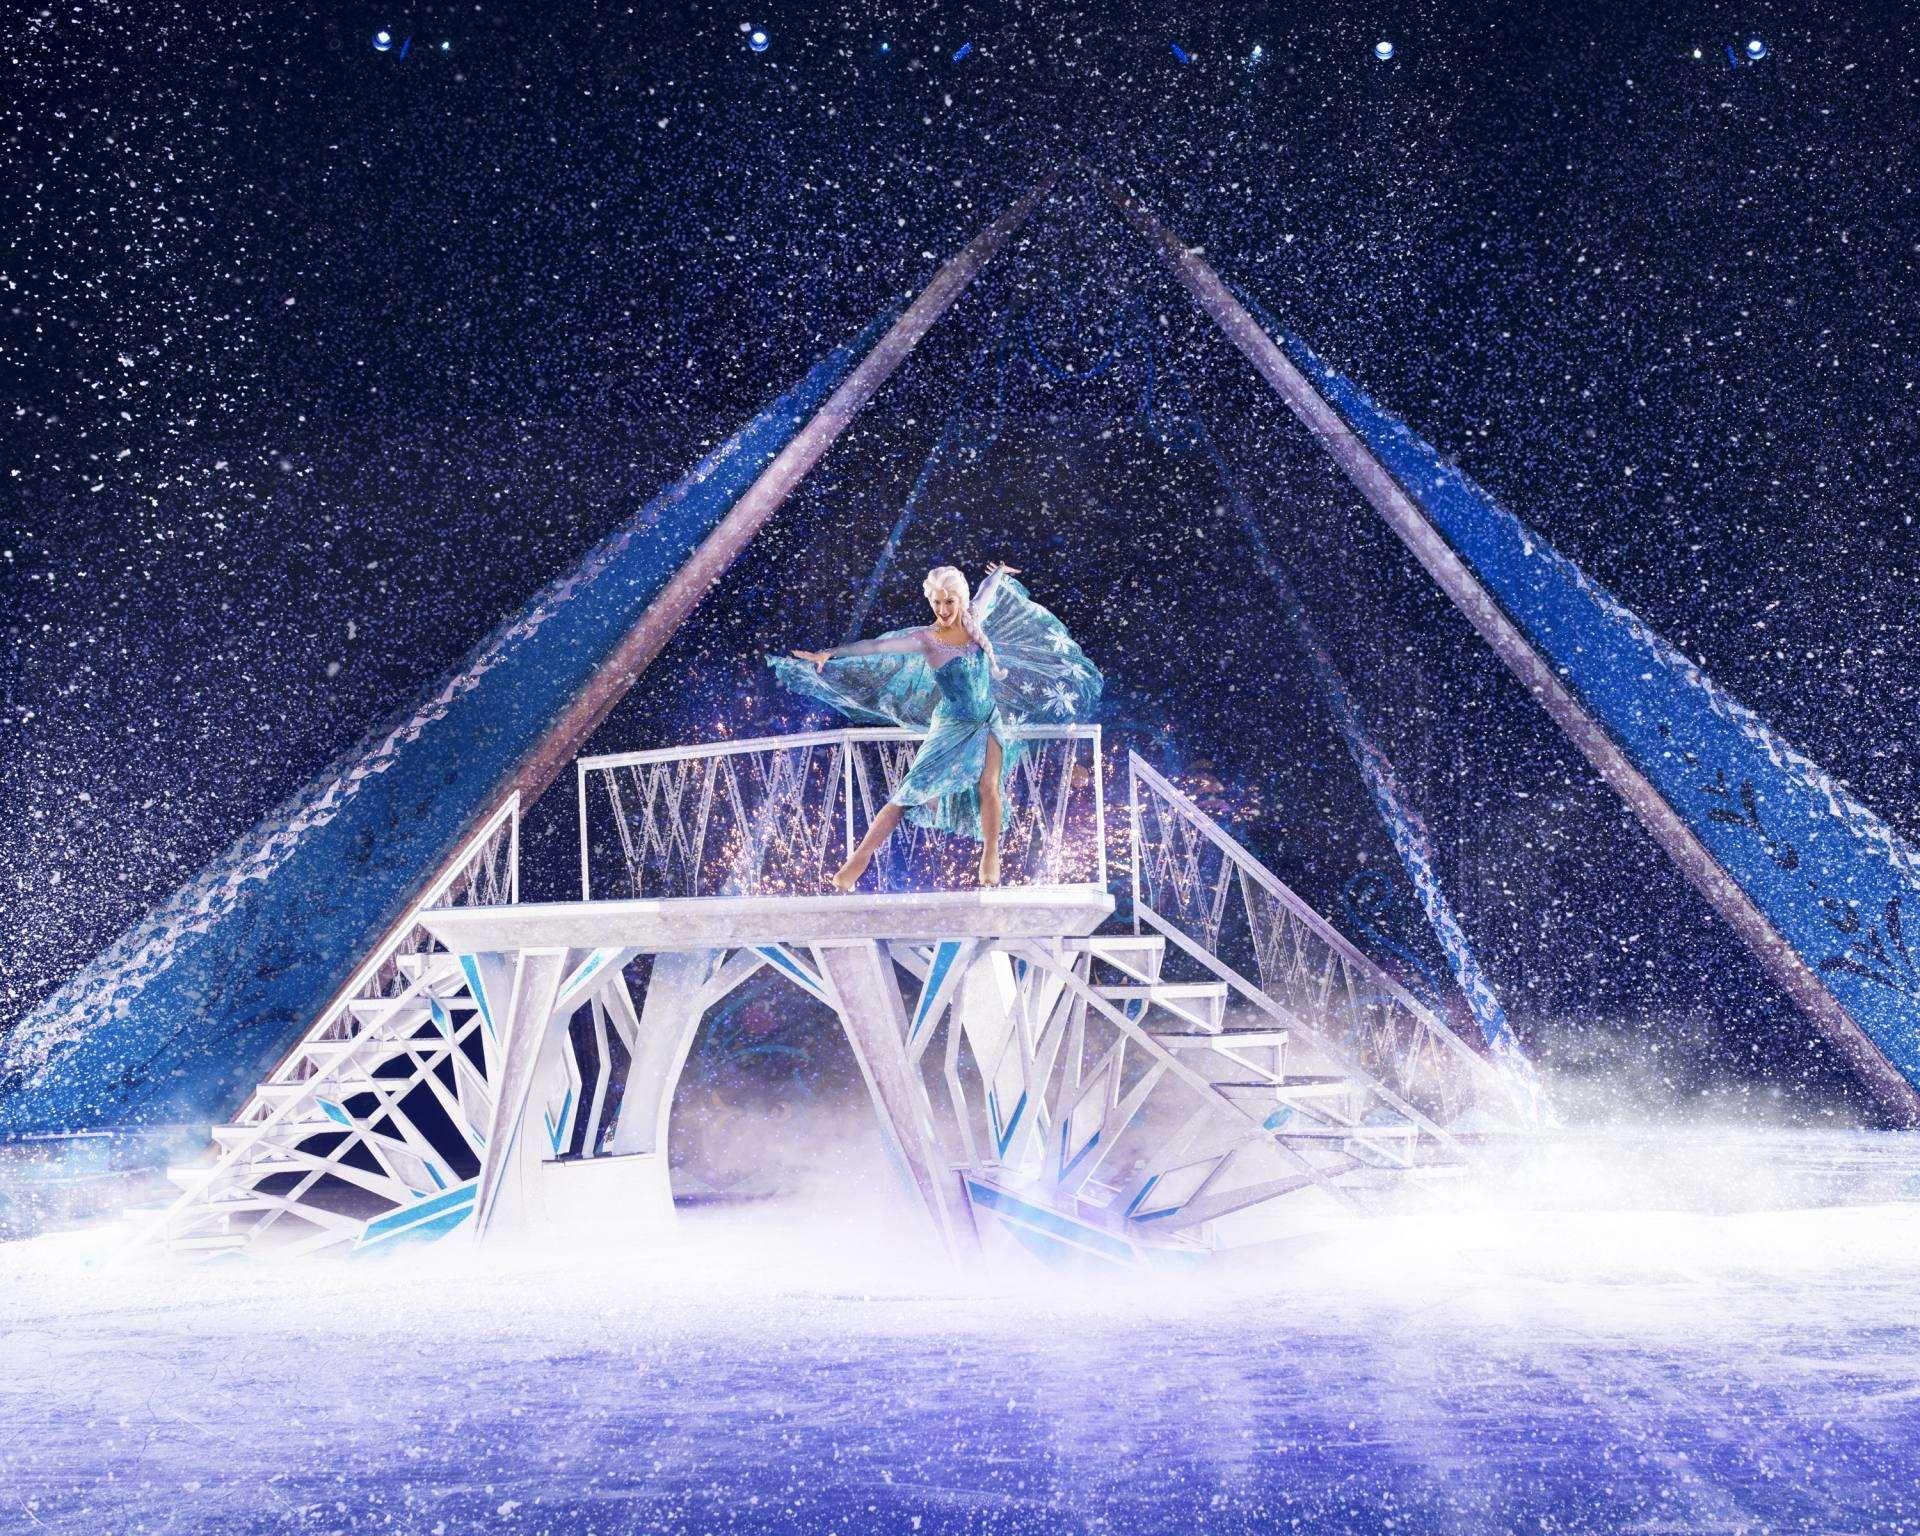 Win a Family Ticket to Disney on Ice-Frozen, D34 20140829 00965 RGB edit%, uncategorised%